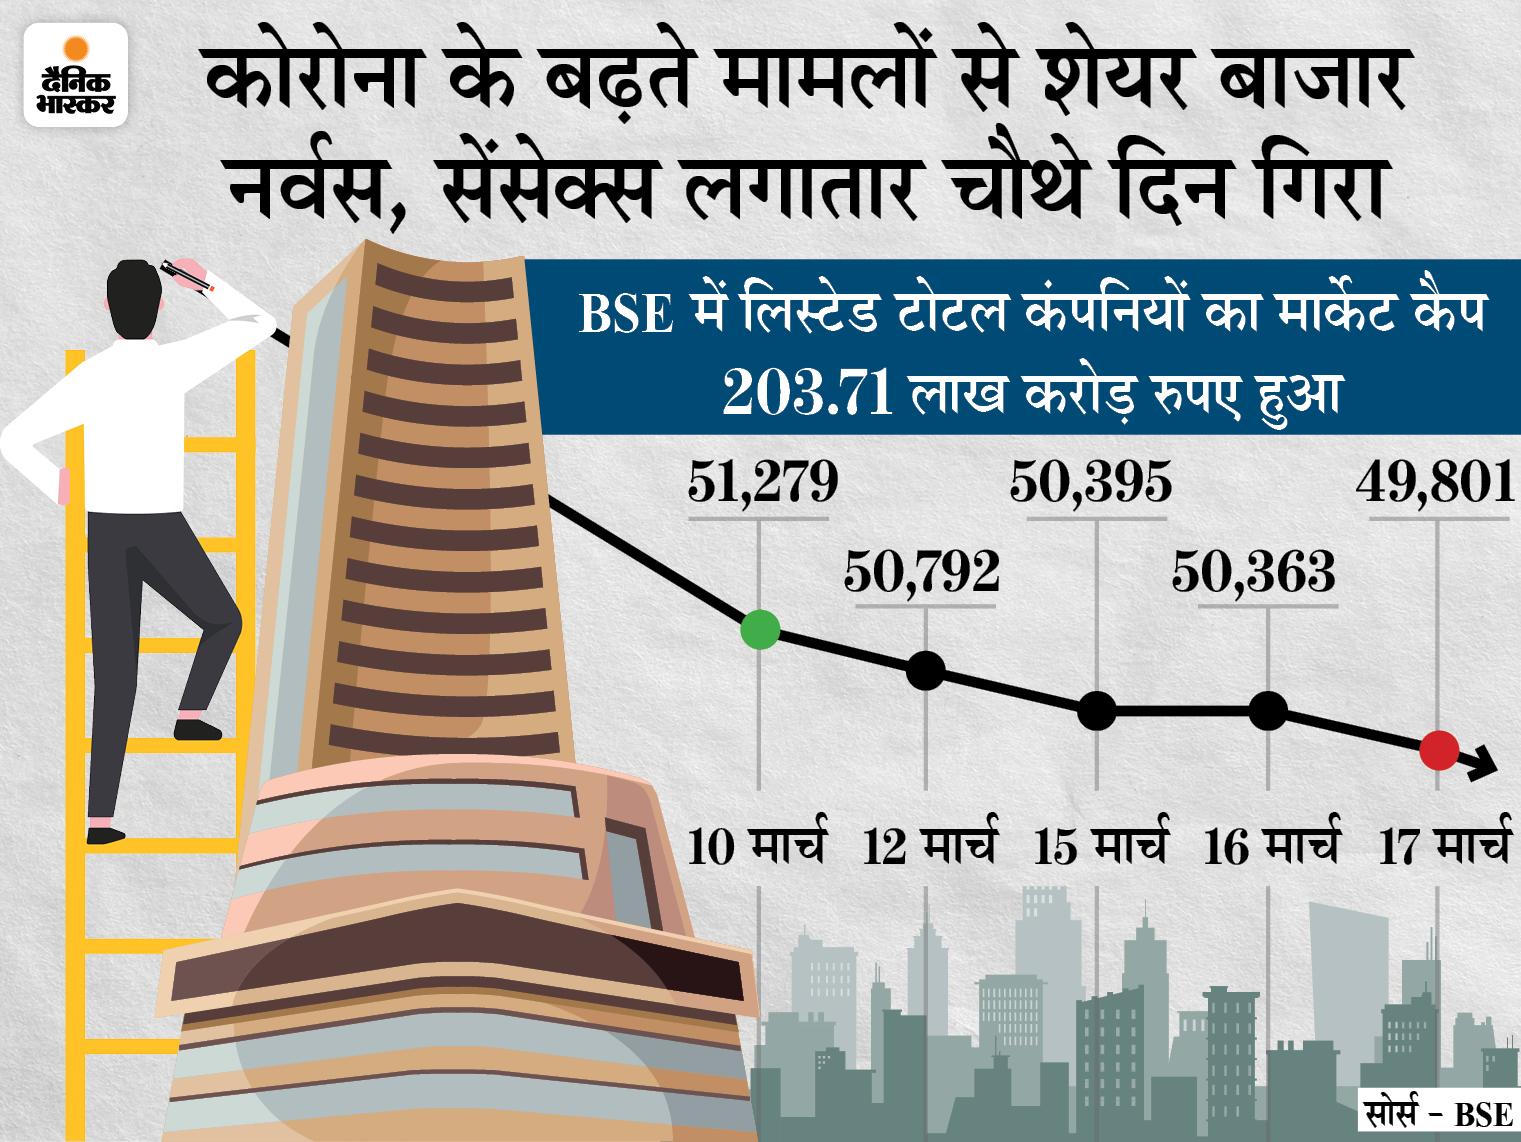 निफ्टी 189 पॉइंट नीचे 14,721 पर बंद; BSE पर 2146 शेयरों में गिरावट रही, मार्केट कैप 3.6 लाख करोड़ रु. घटा|बिजनेस,Business - Dainik Bhaskar